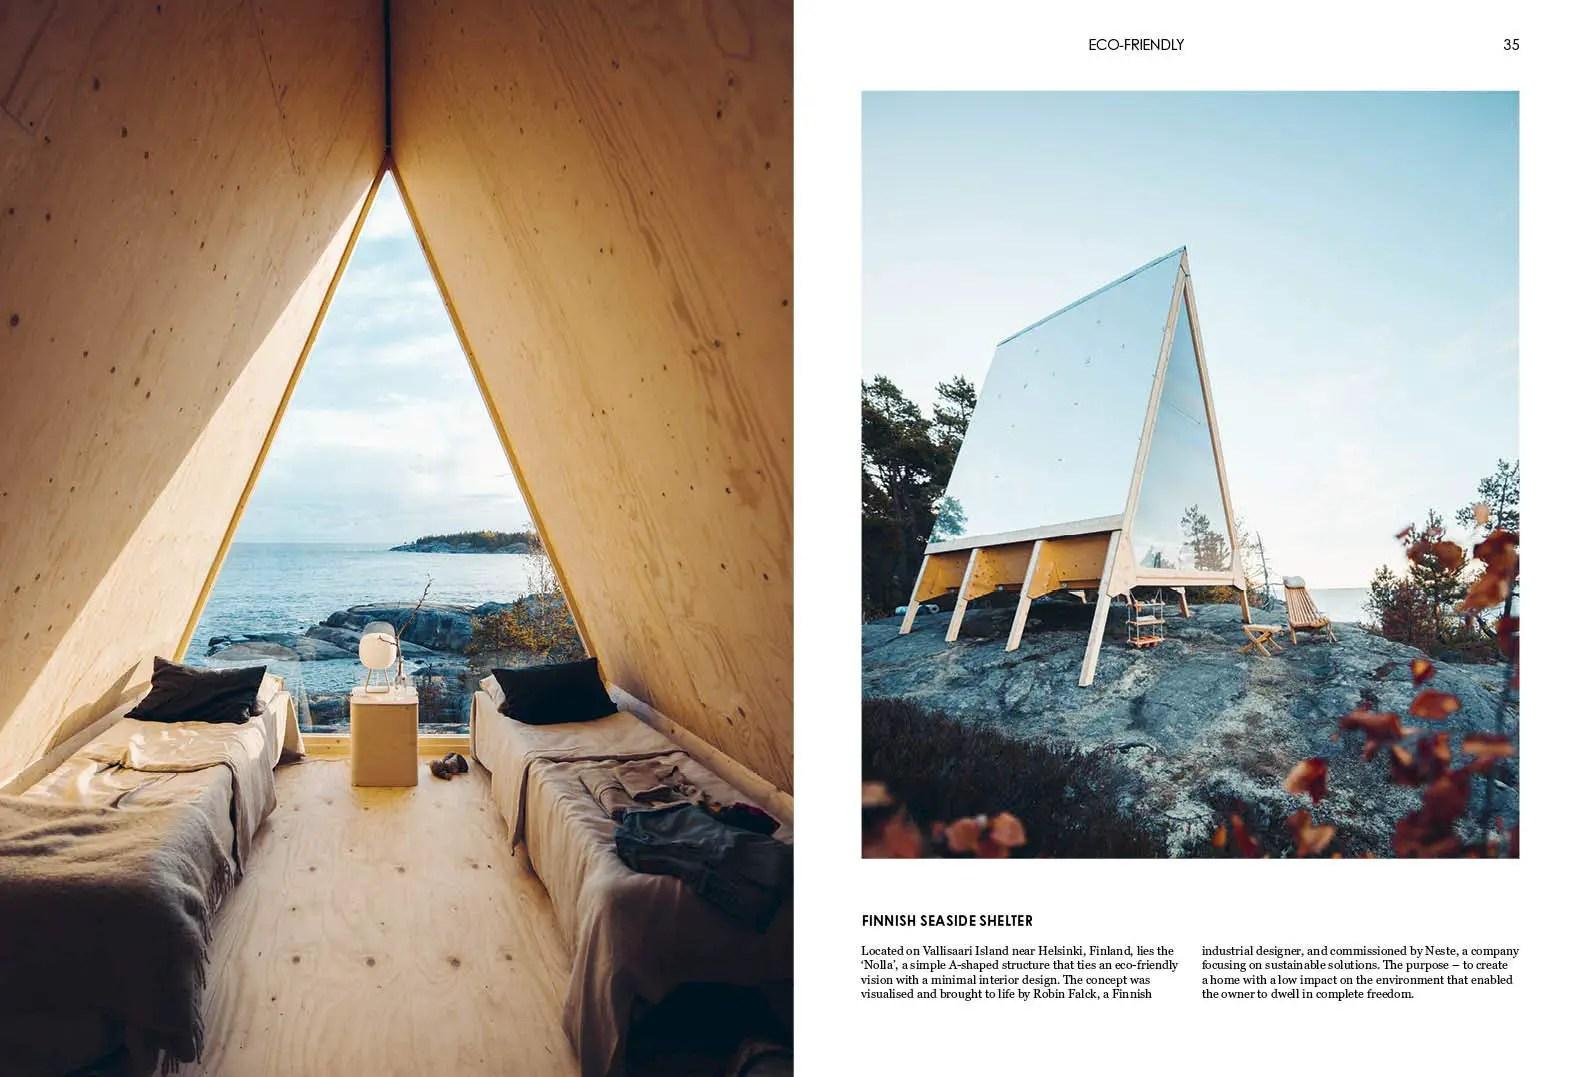 Tiny house shelter